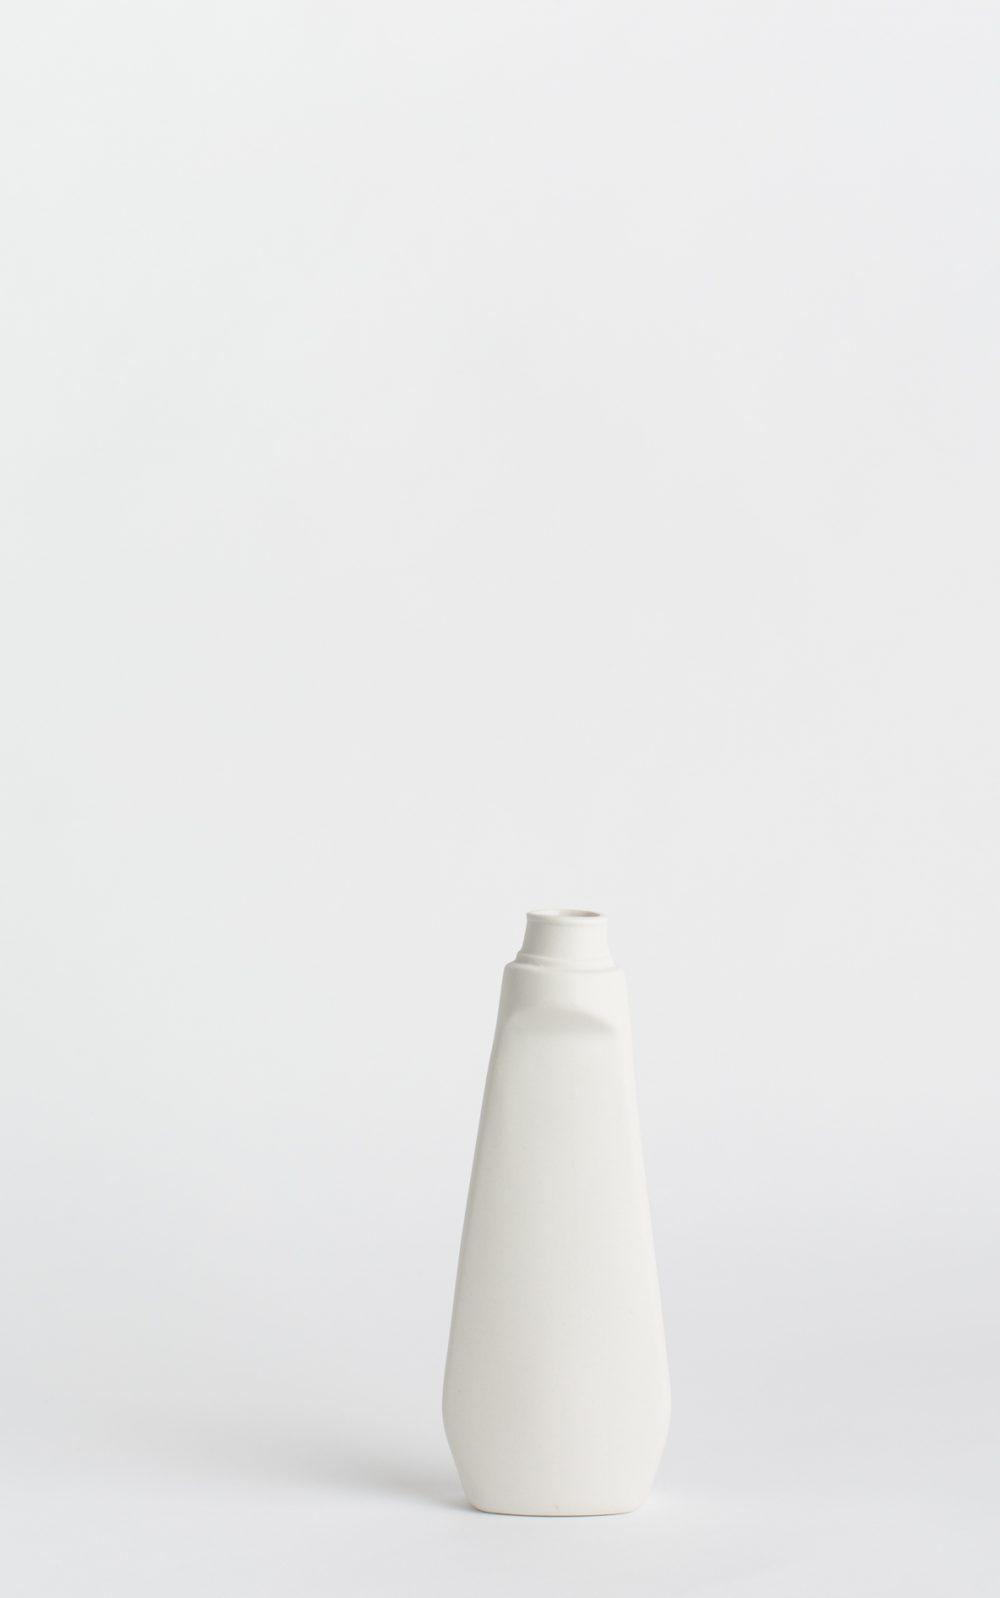 bottle vase #4 white